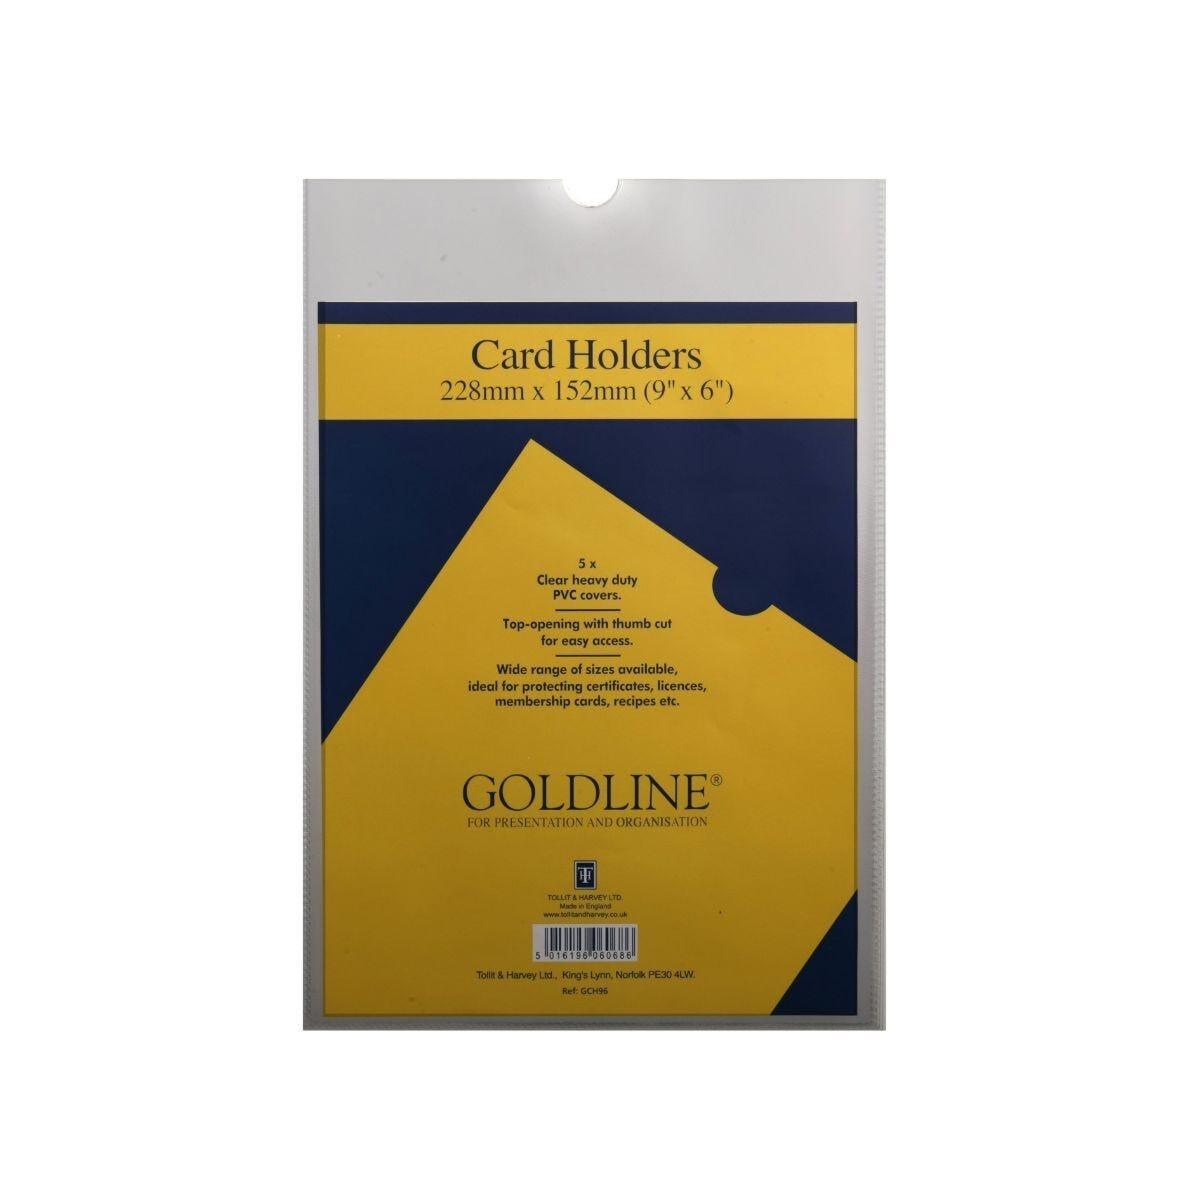 Goldline Card Holders 228x152mm